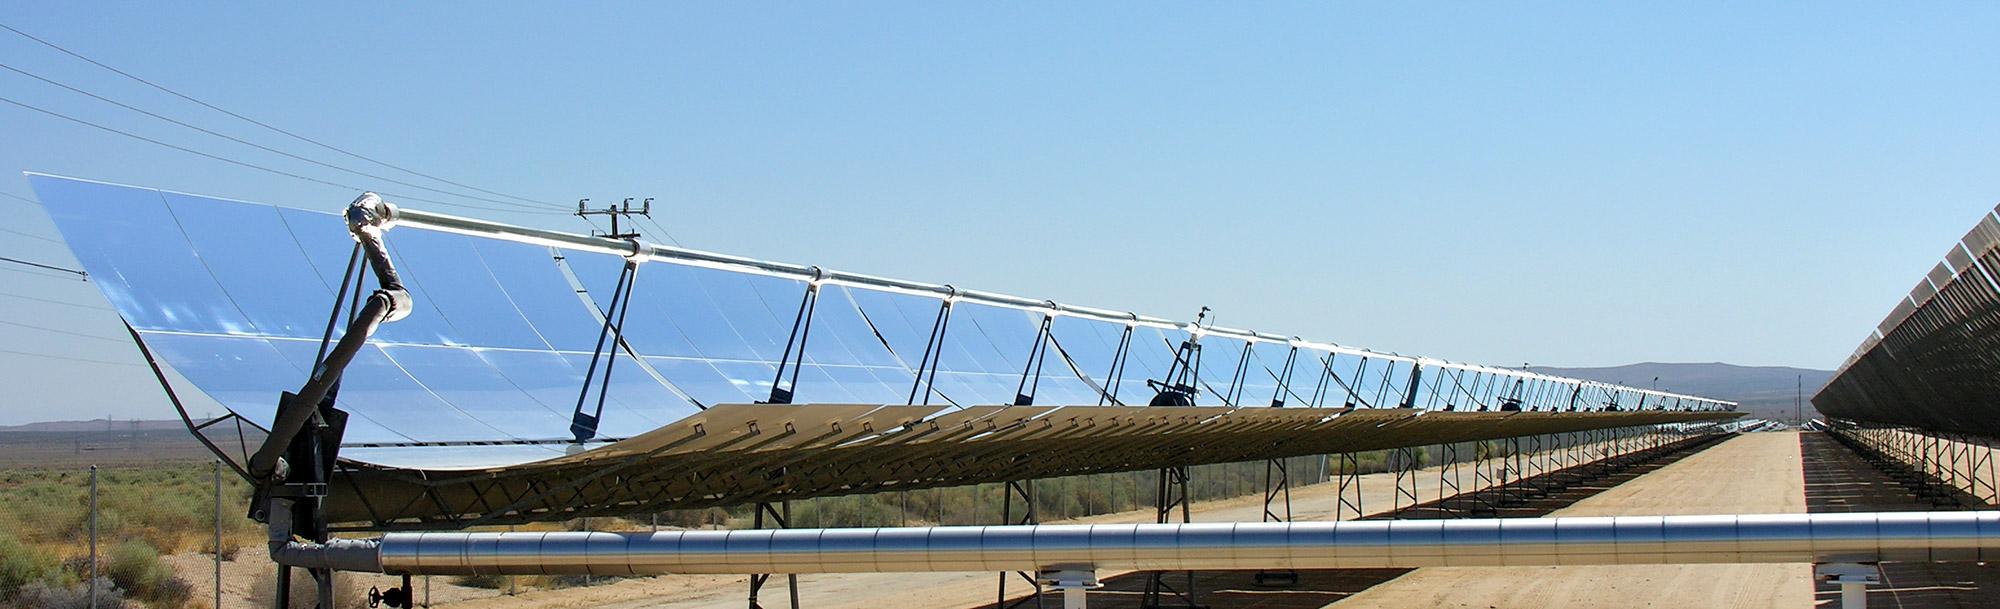 Pannello Solare Termodinamico A Concentrazione : Solare termodinamico a concentrazione